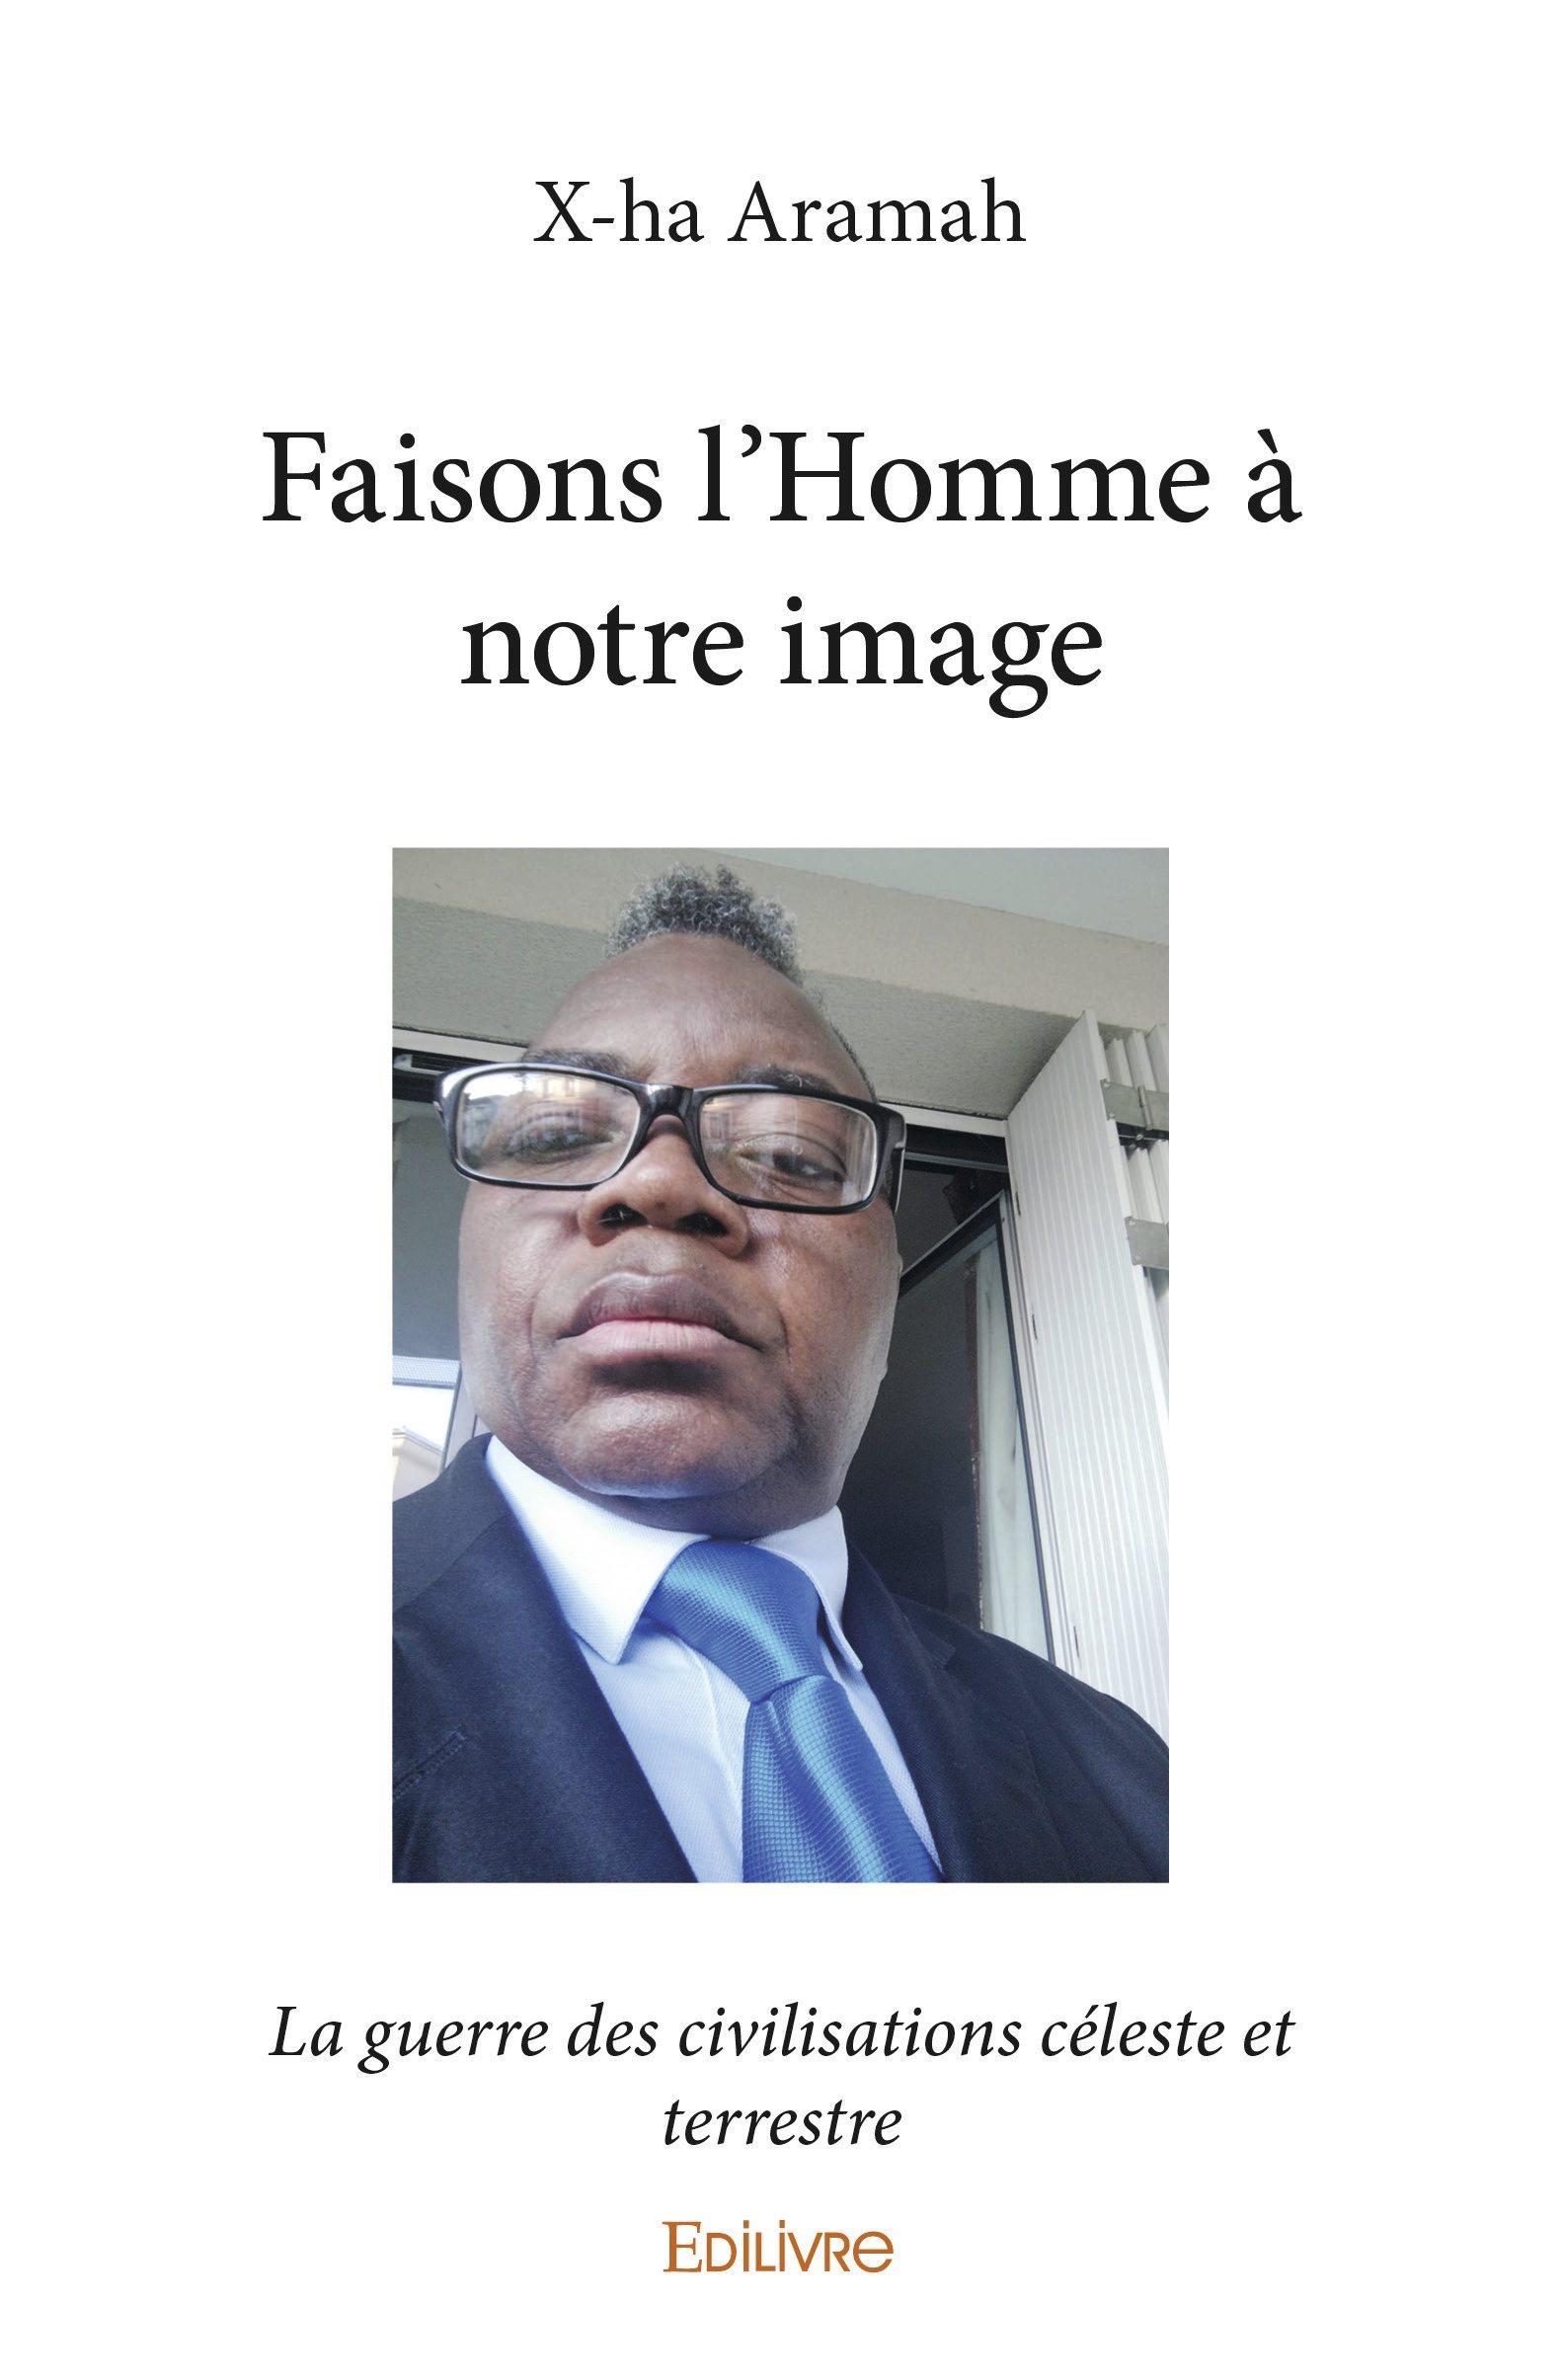 FAISONS L'HOMME A NOTRE IMAGE